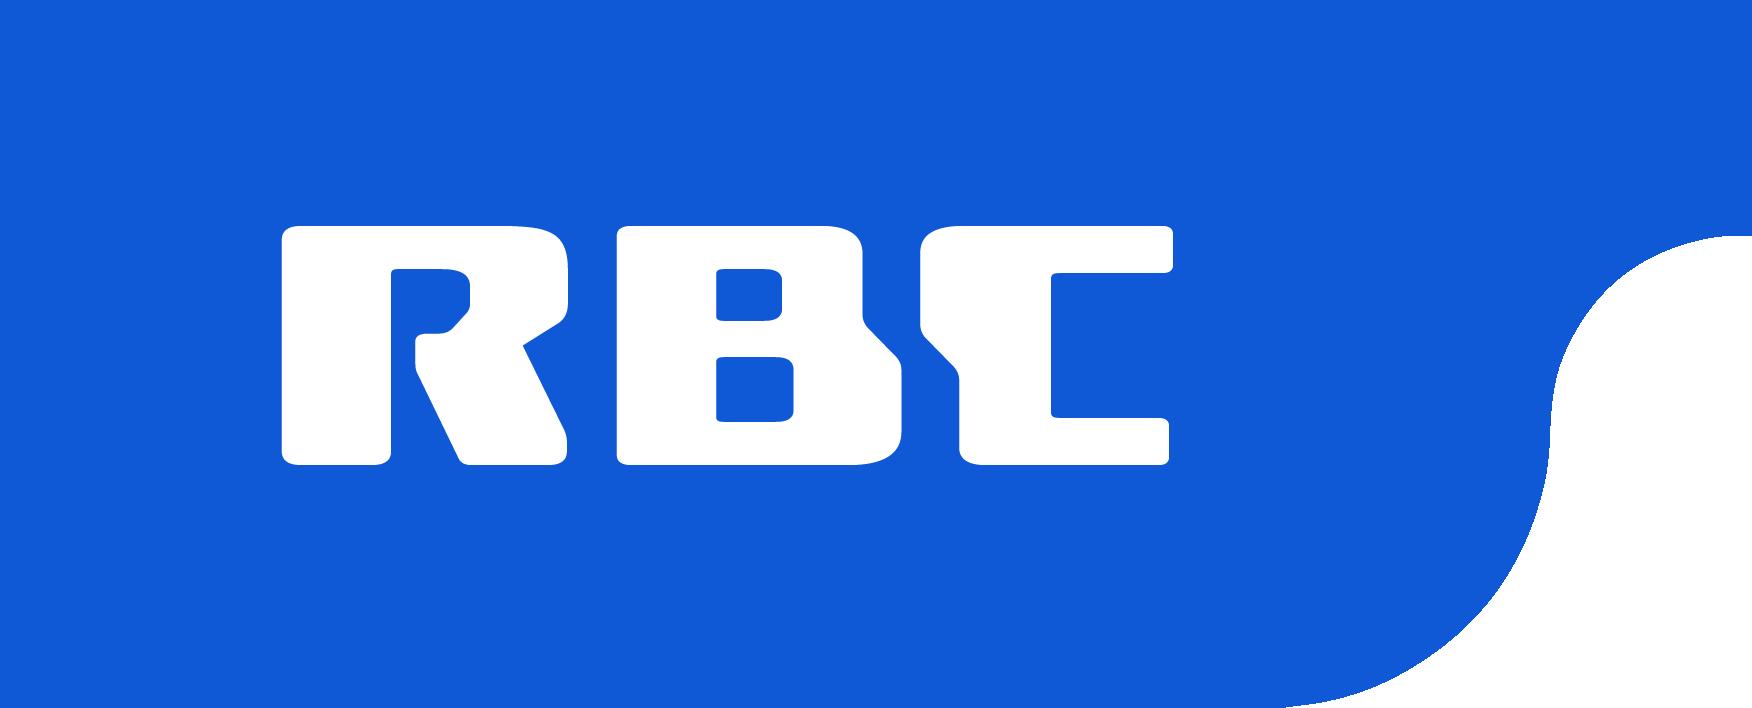 RBC Bearings